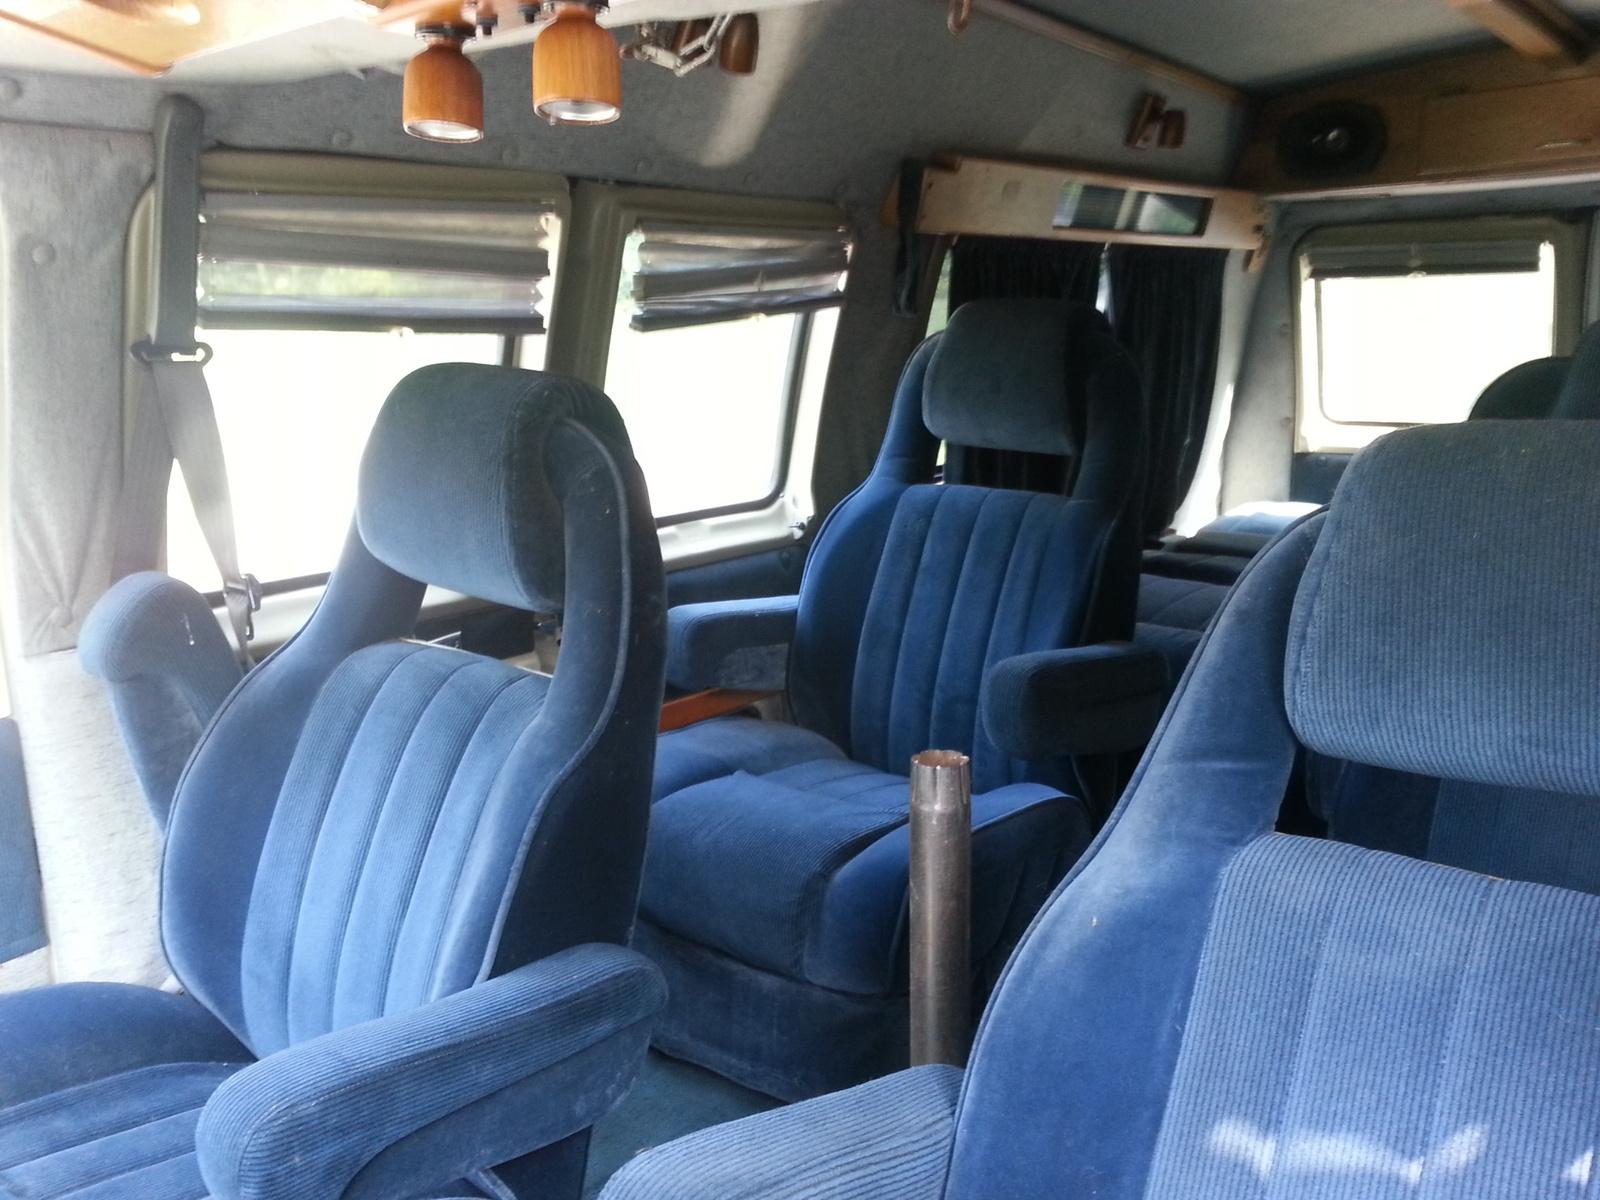 1988 ford e 150 interior pictures cargurus 1993 Ford E150 Interior 2006 Ford E150 Interior